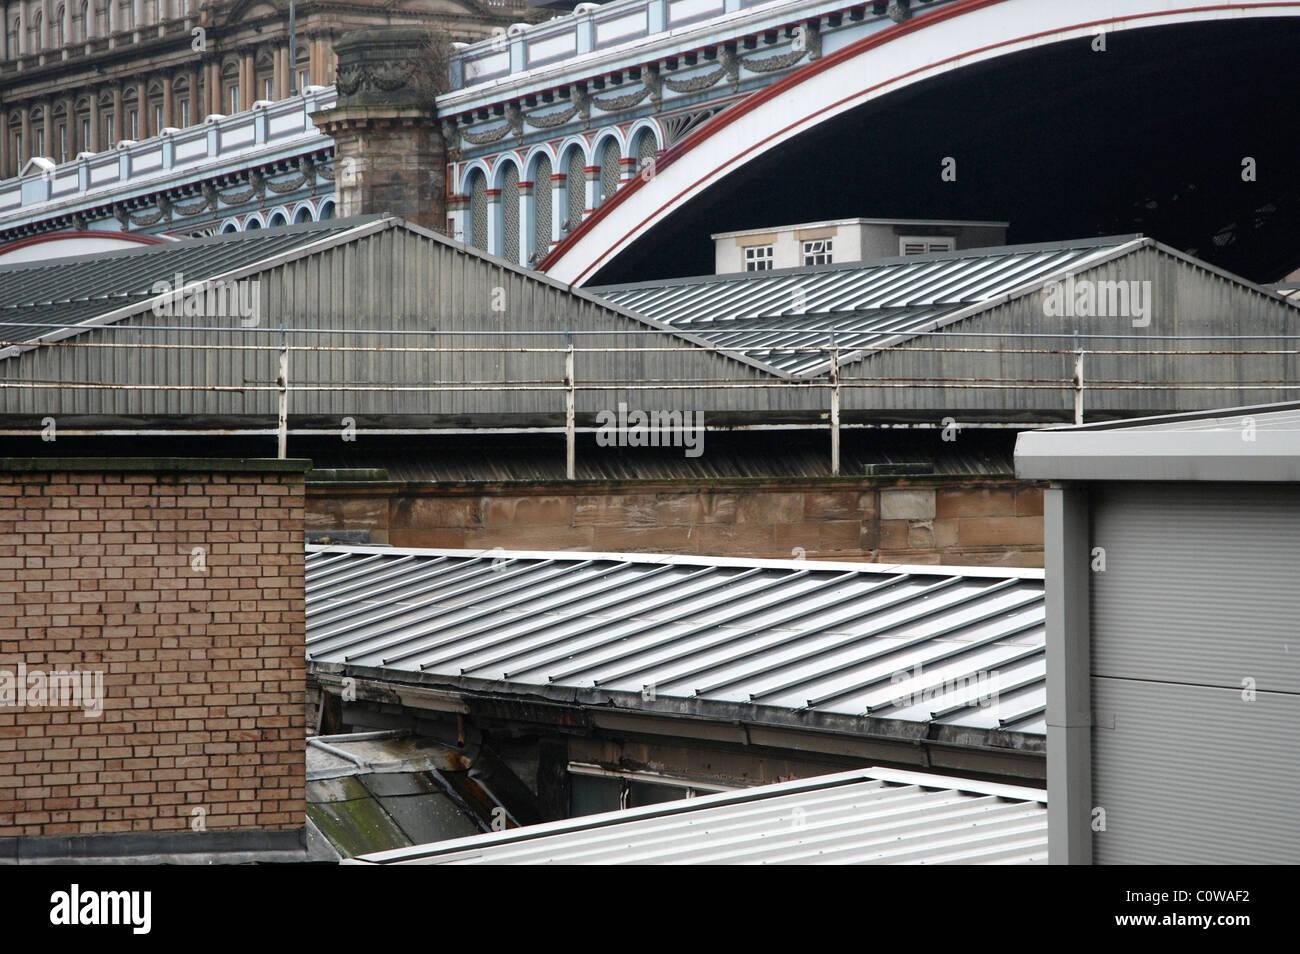 Das Dach der Waverley Station und die Bögen der North Bridge in Edinburgh bilden eine Vielzahl von interessanten Stockbild